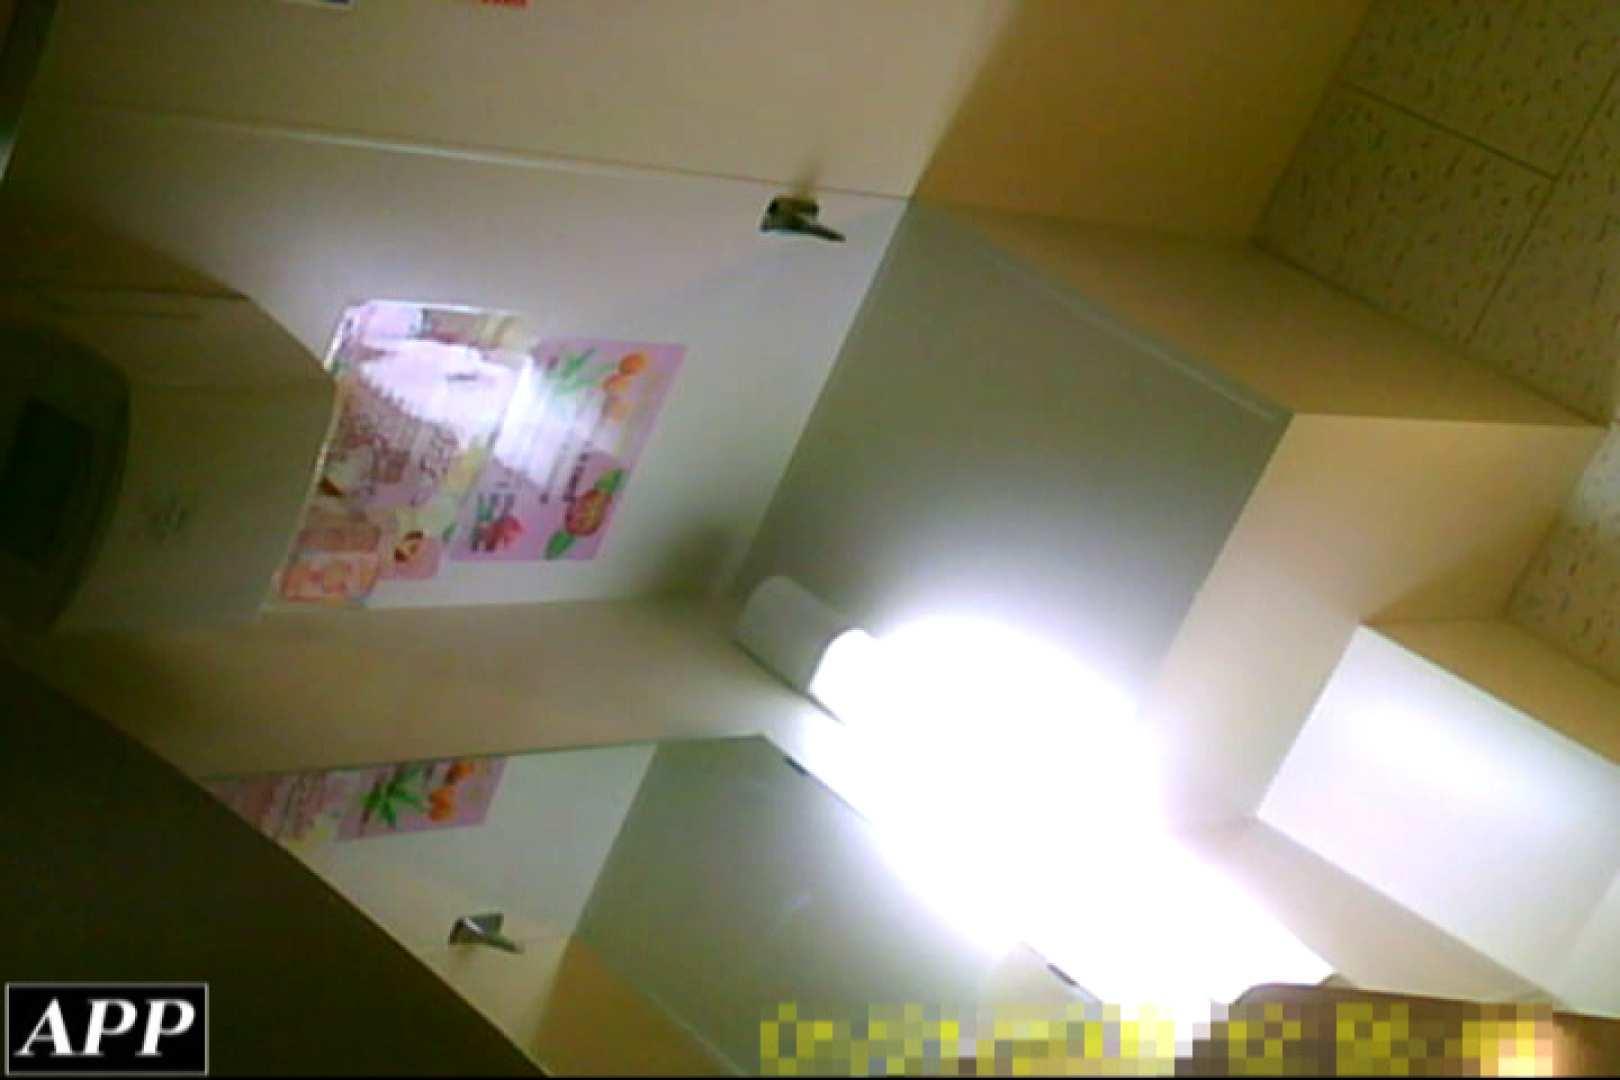 3視点洗面所 vol.107 オマンコ・ぱっくり すけべAV動画紹介 85画像 69